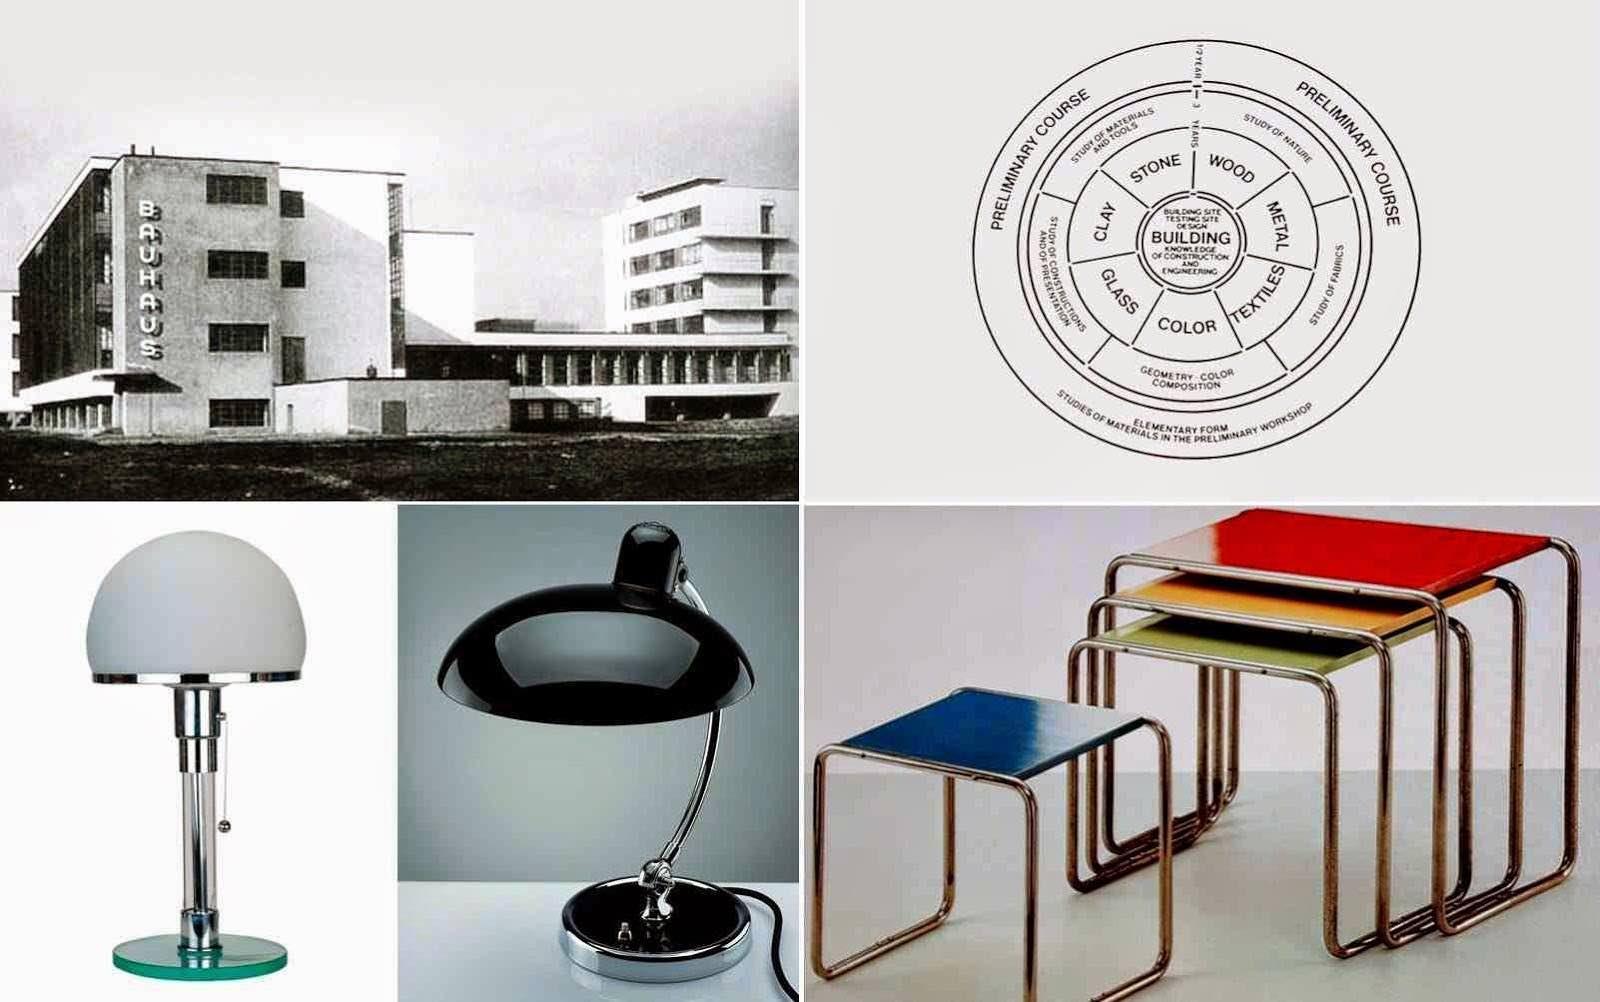 אדריכלות ועיצוב בין שתי מלחמות העולם – הבאוהוס והארט-דקו (3 שעות, ניתן לפצל)